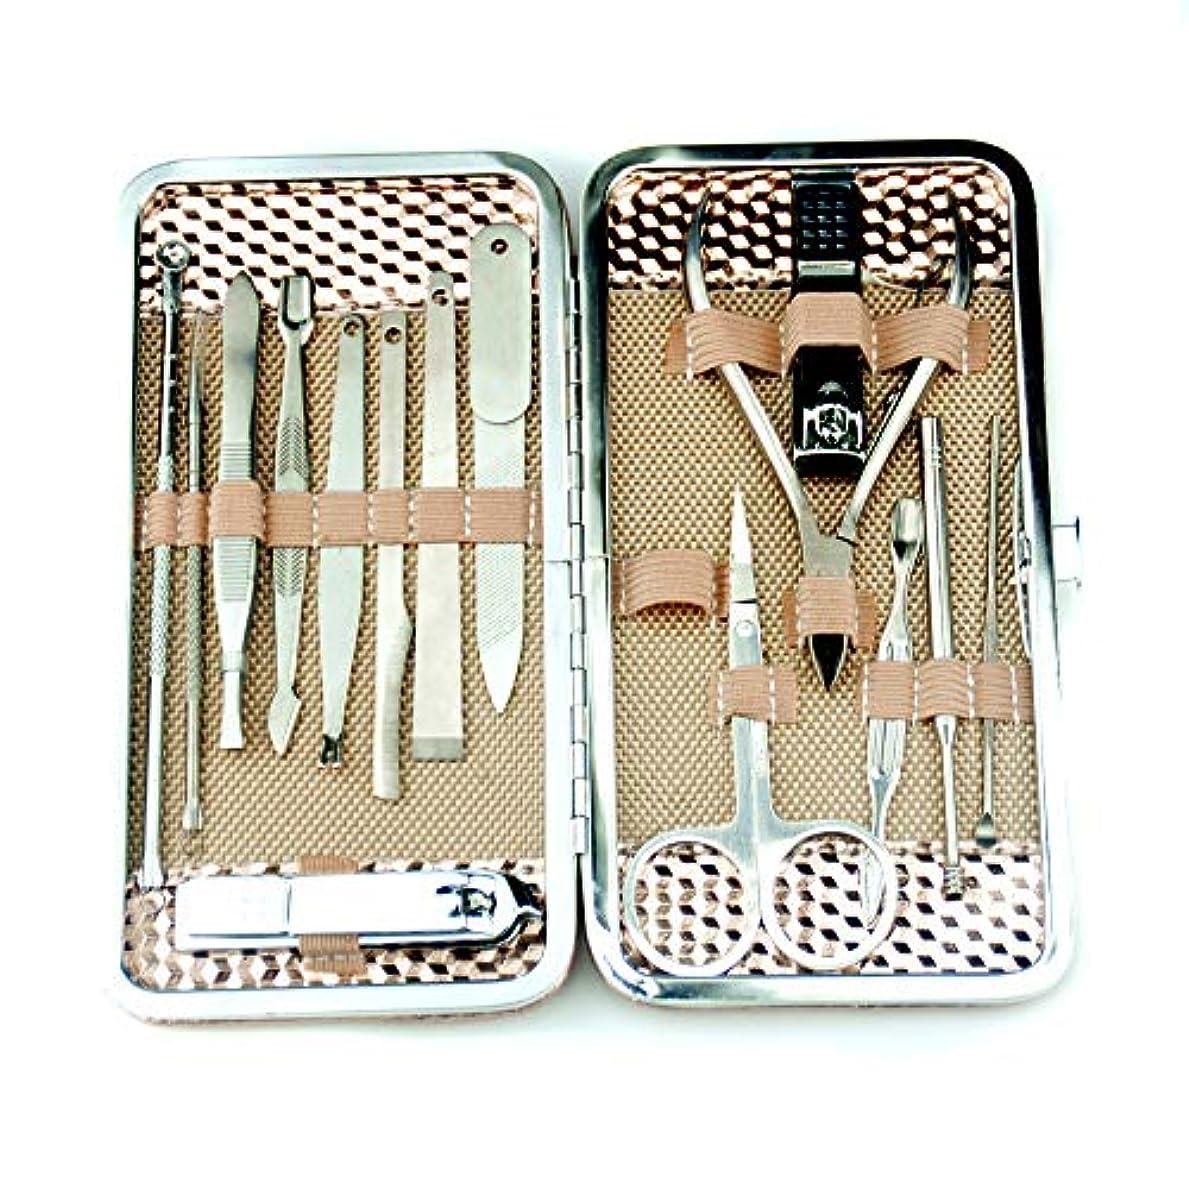 合理化レッスン酒16イン1ステンレス鋼爪切りセット、マニキュアペディキュアグルーミングキット女性用、ネイルケアキットポータブル収納ケース付き